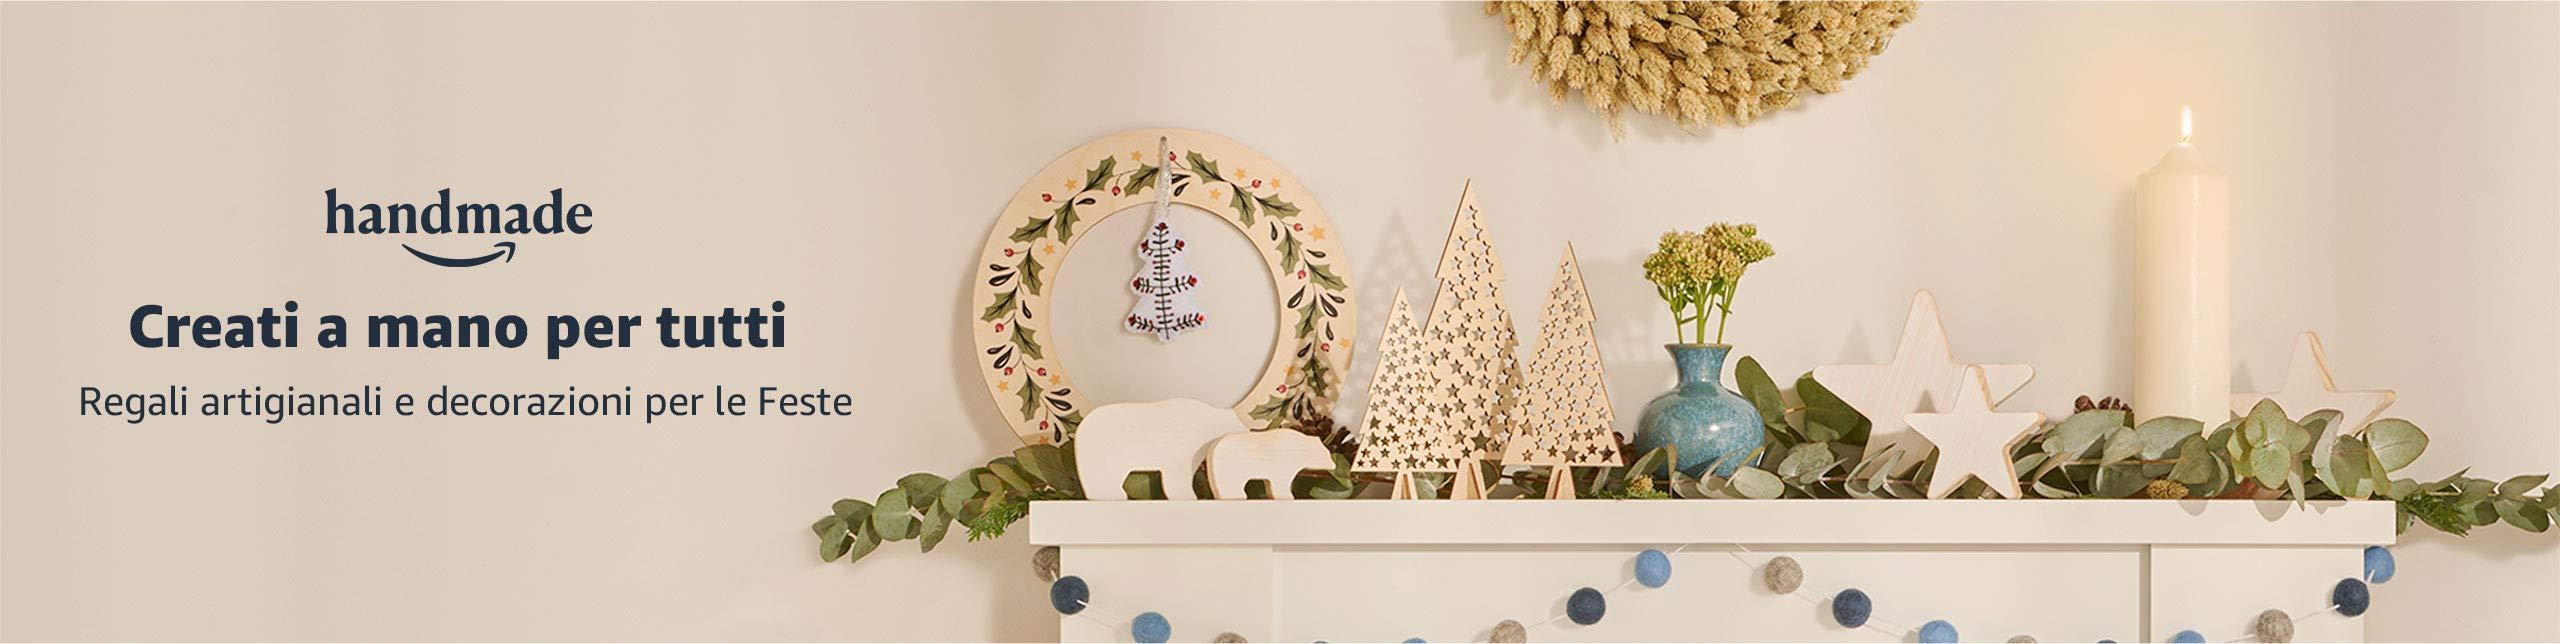 Regali artigianali e decorazioni per le Feste